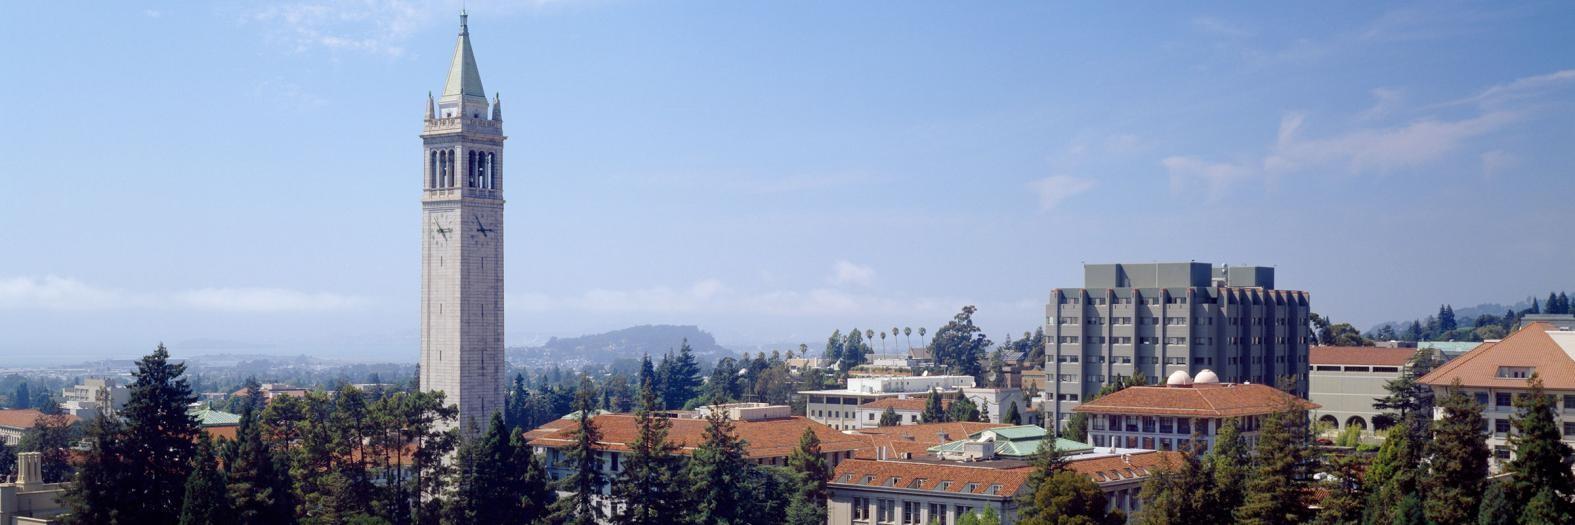 UC Berkeley School of Information | LinkedIn